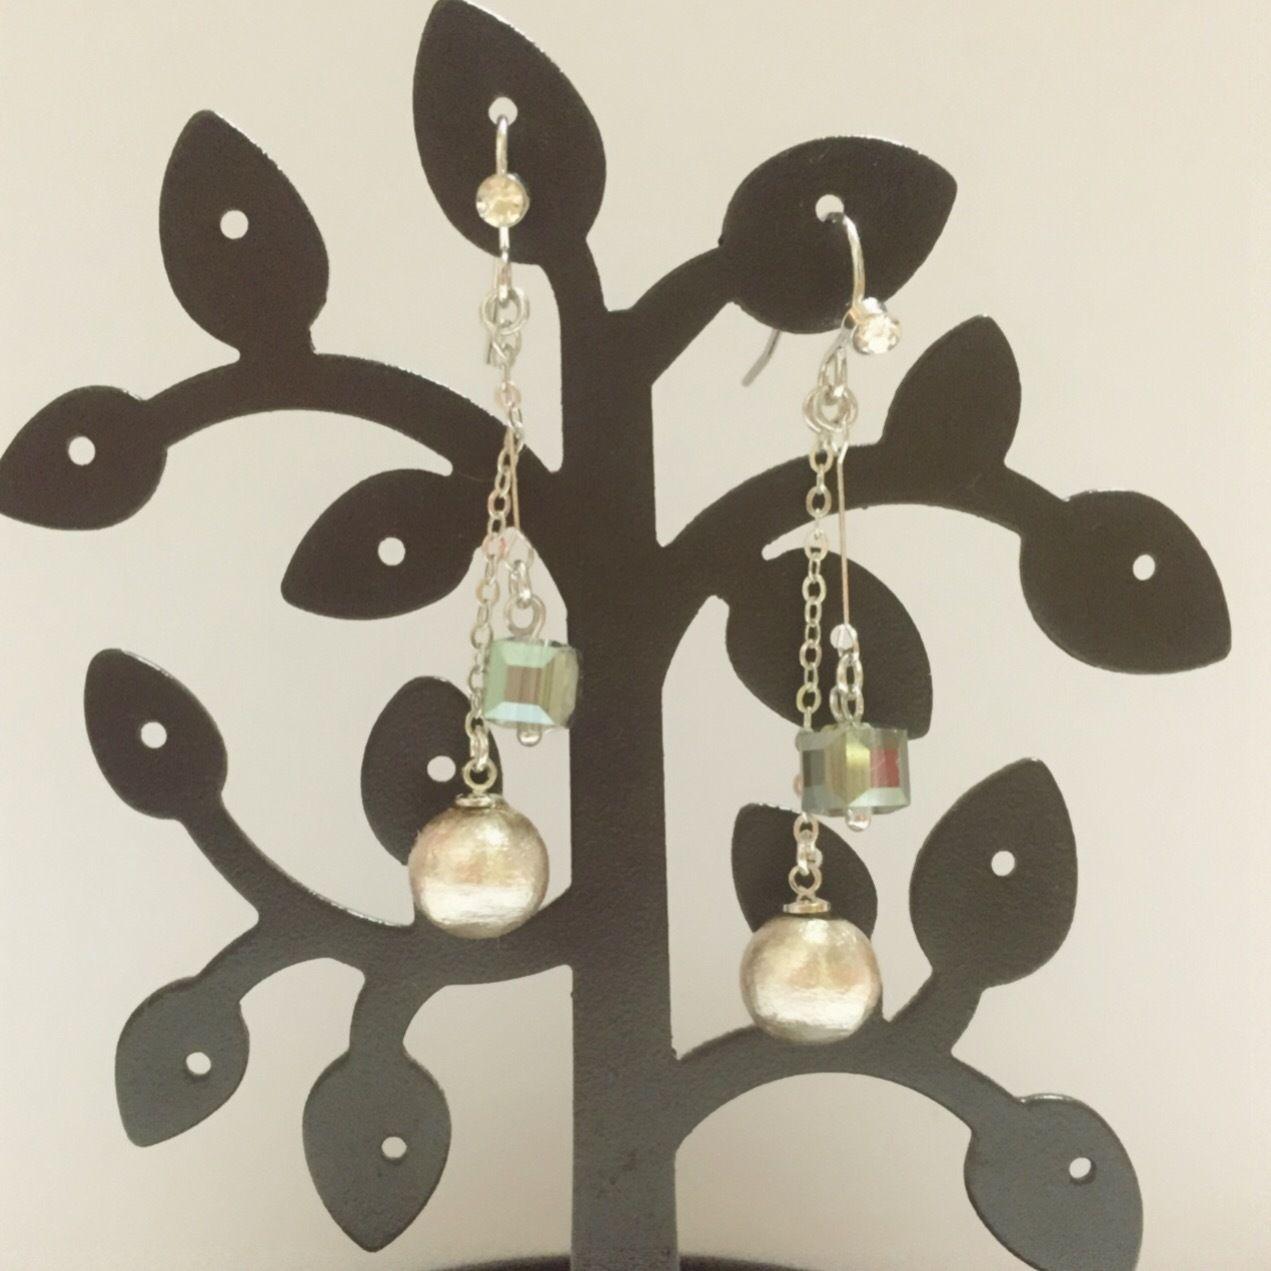 絹鼠コットンパール&キューブガラスの高品質プラチナメッキのラインストーン付きフックピアス